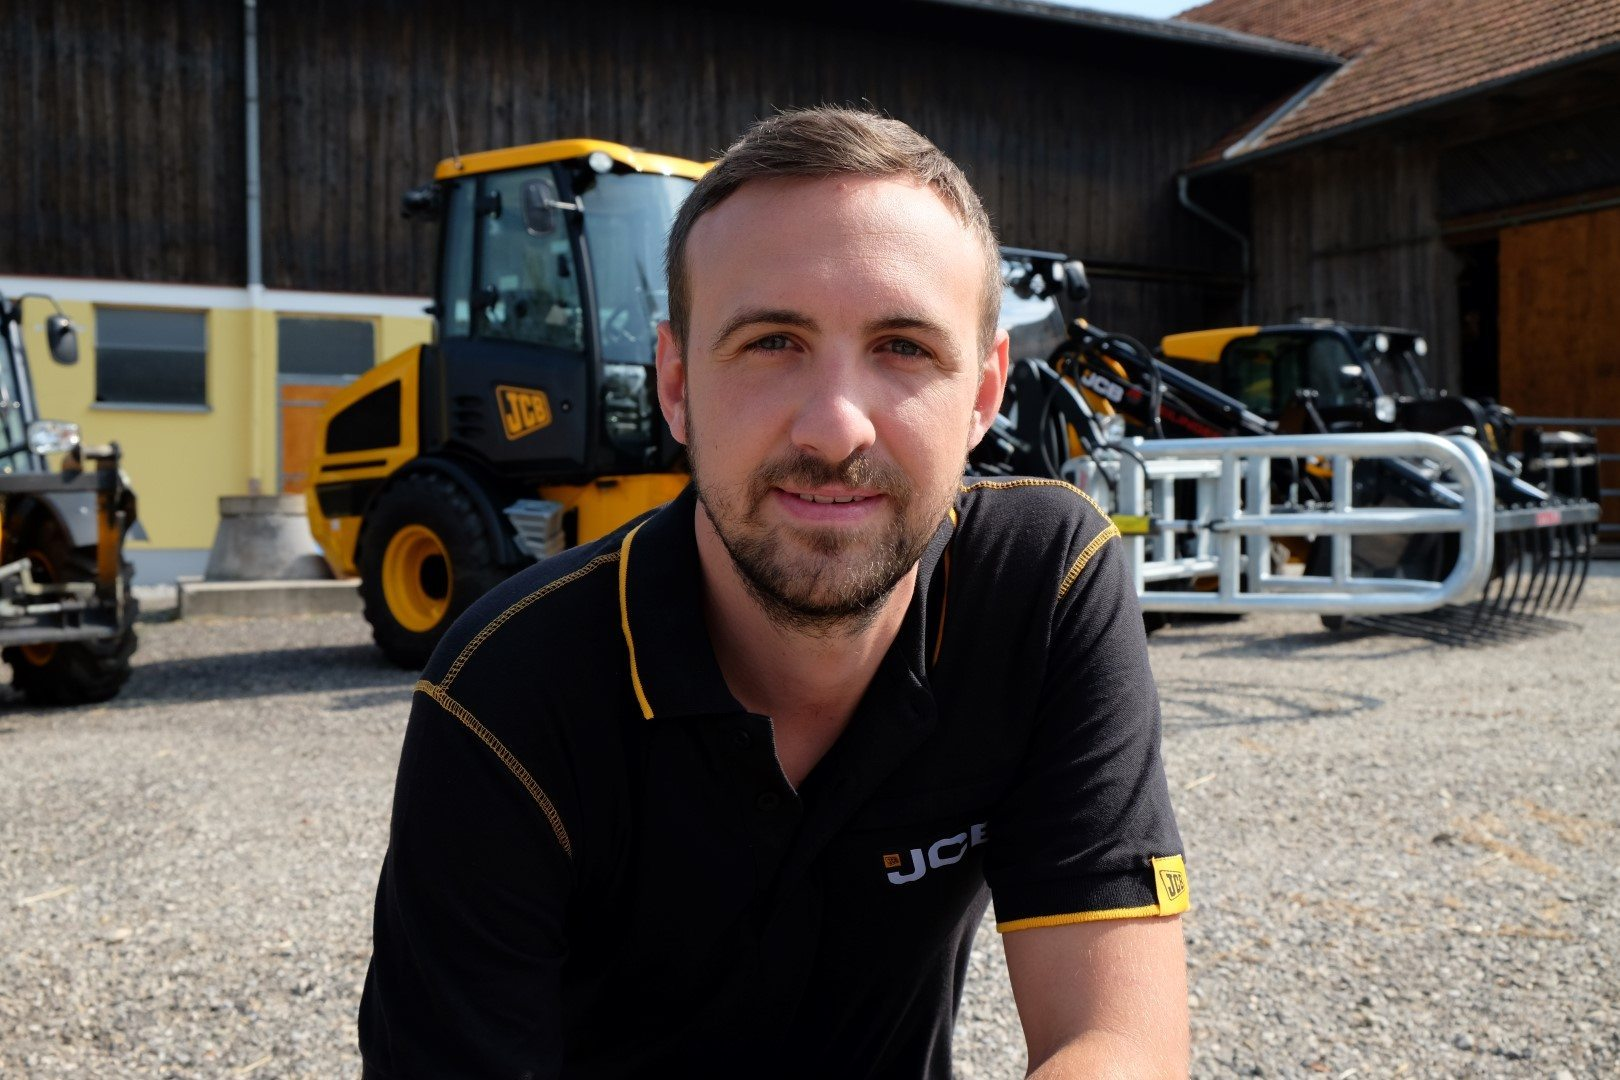 Produktexperte Dominik Babe auf einem landwirtschaftlichen Hof, im Hintergrund Landtechnikmaschinen von JCB.